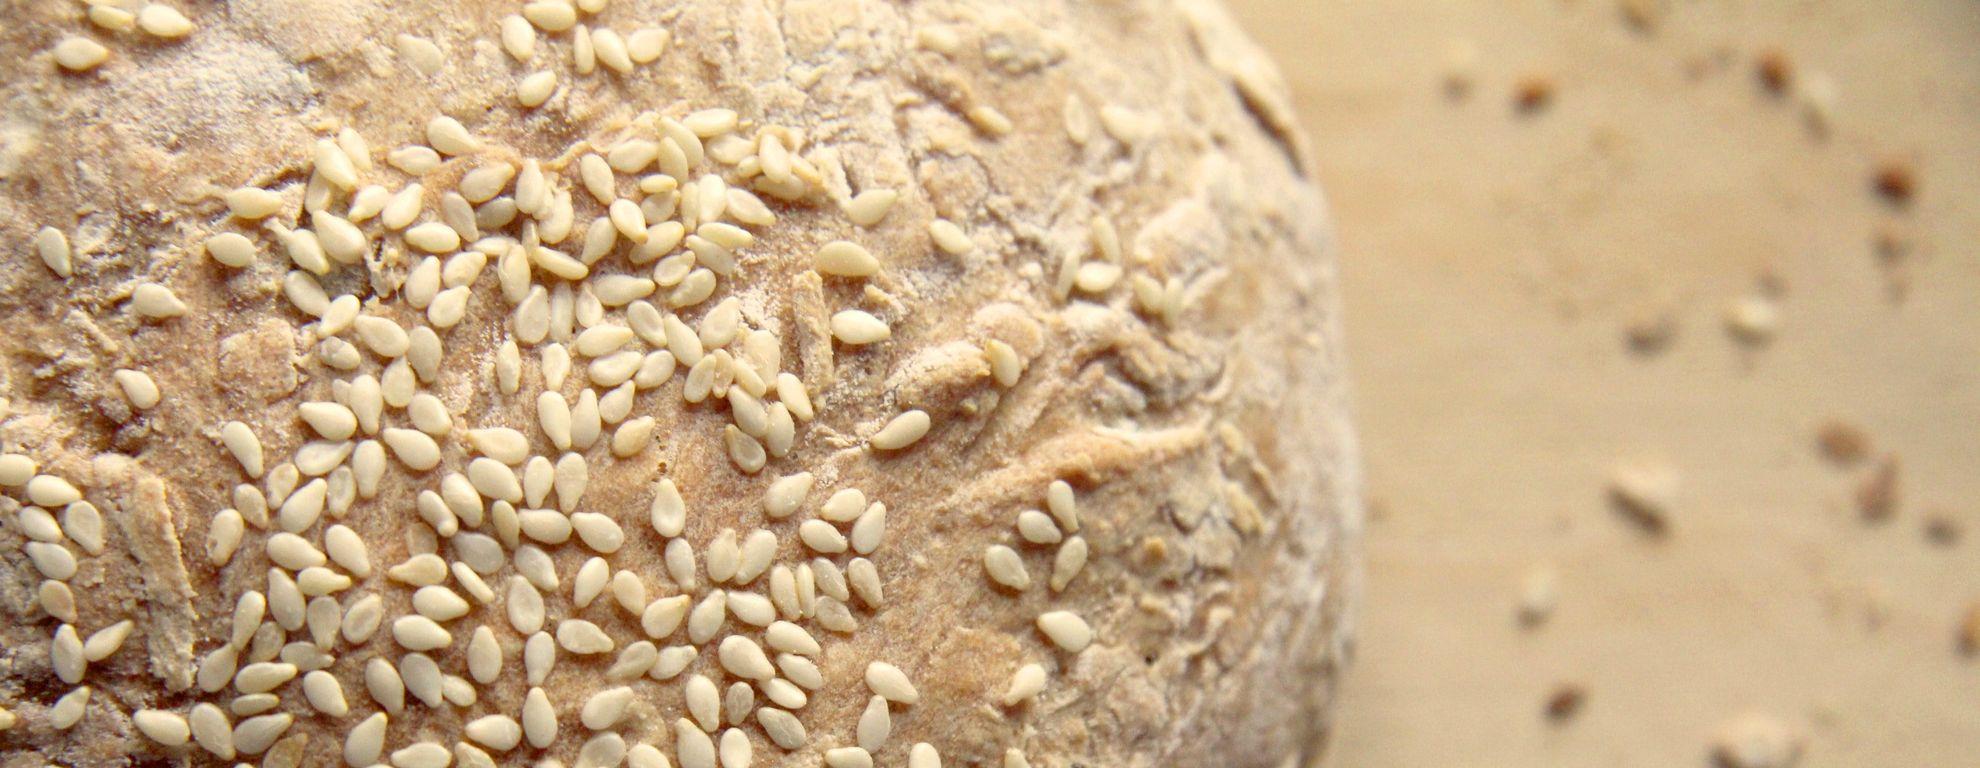 7 beneficios de las semillas de sésamo para la salud - Featured image